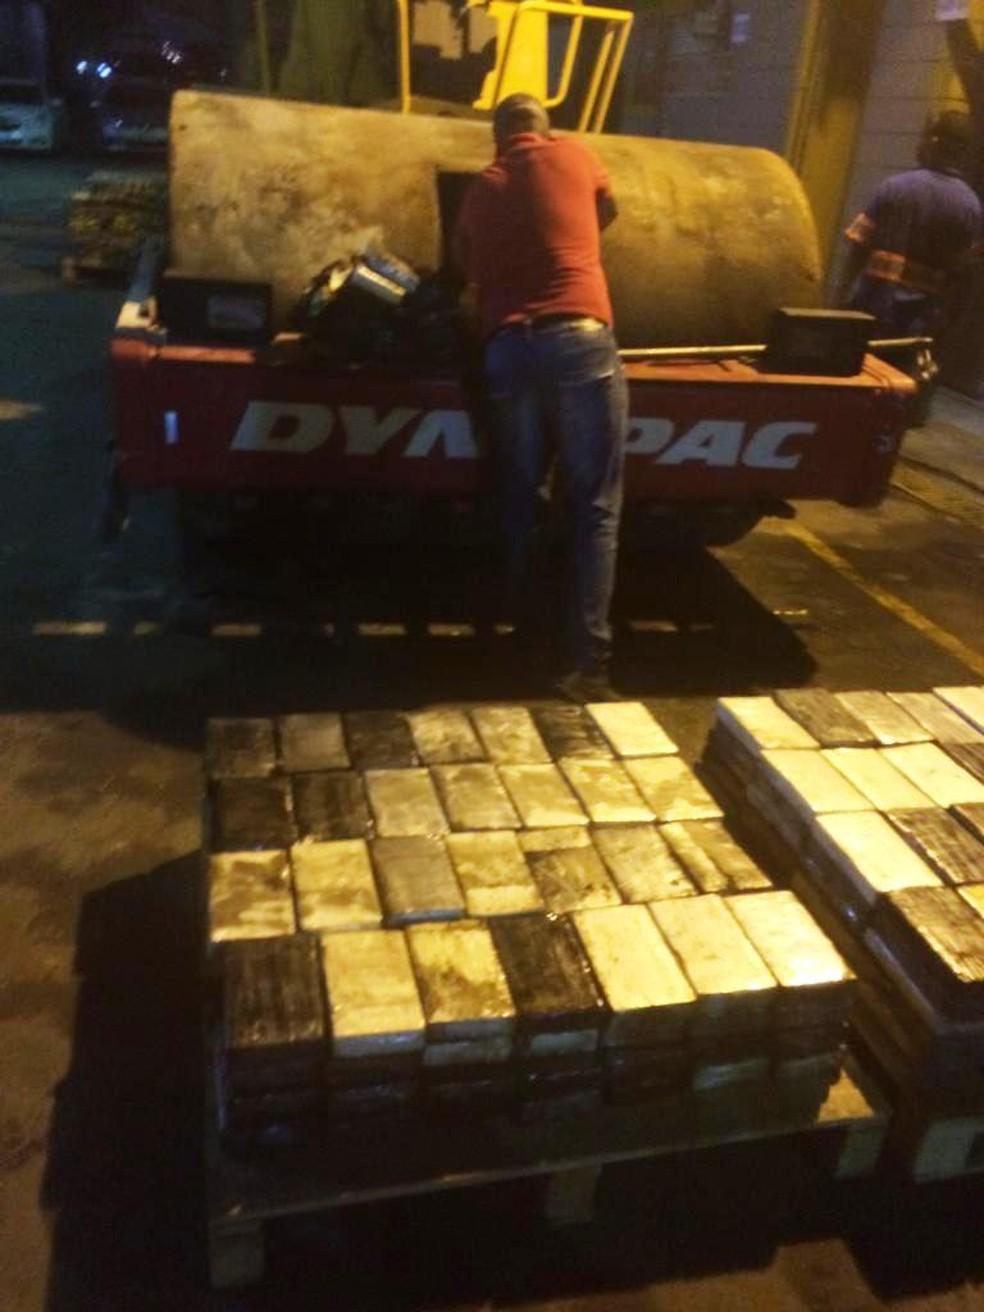 Centenas de tabletes de cocaína foram retirados dos tratores — Foto: Divulgação/Polícia Federal